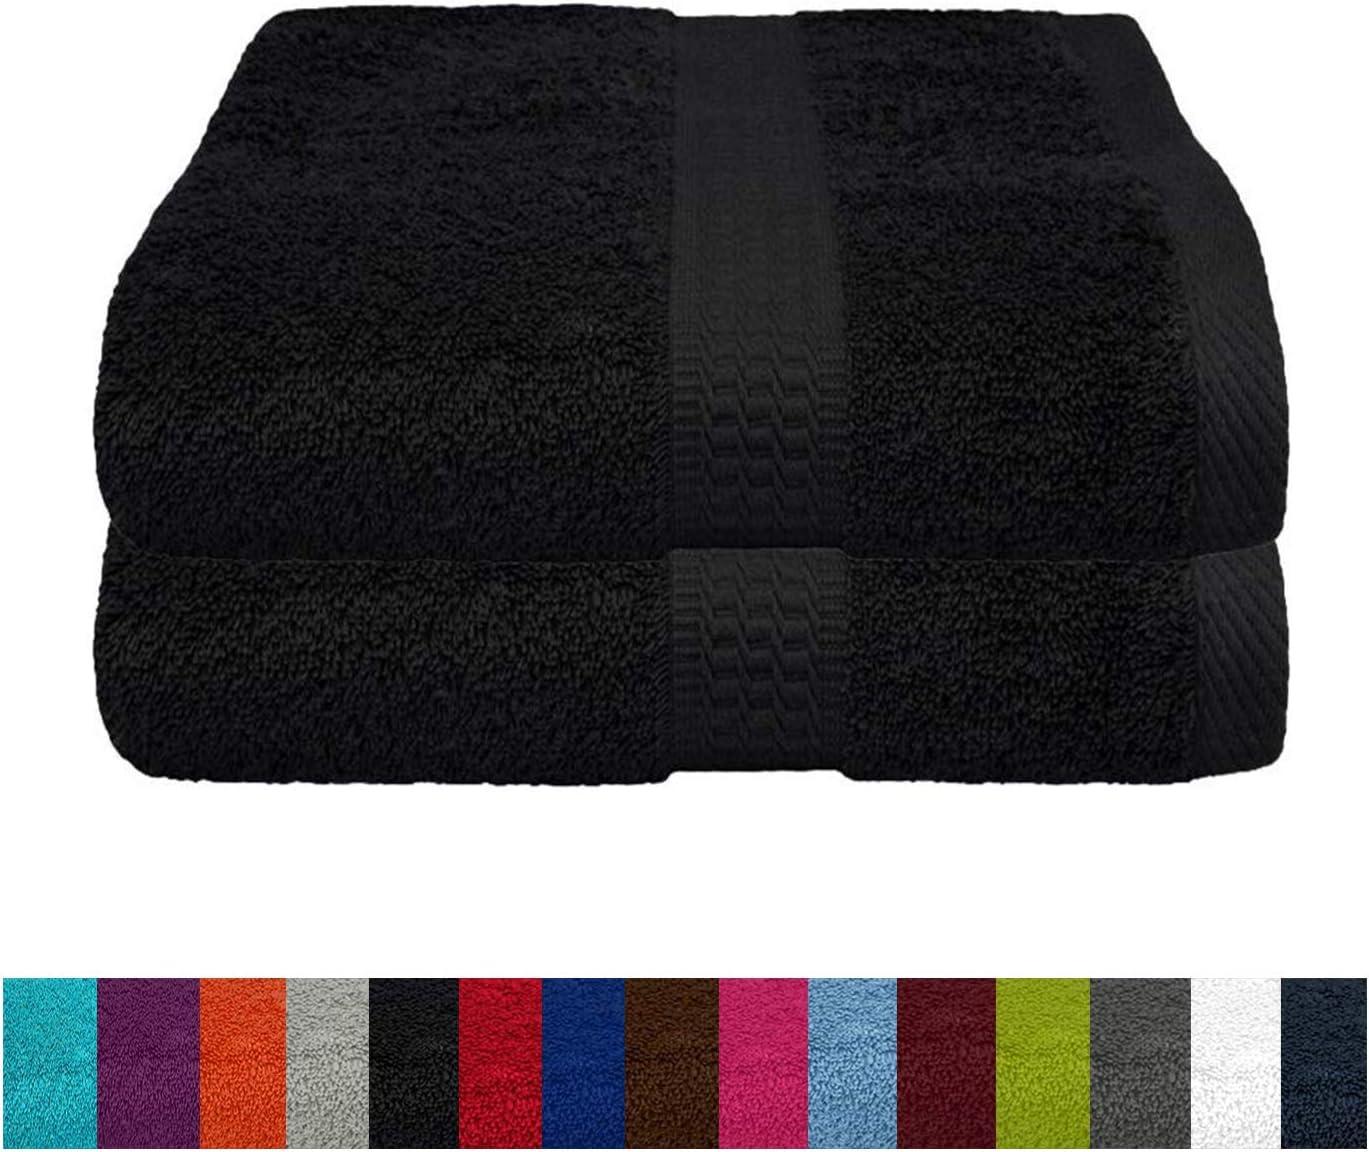 Serviette de sauna 100 /% coton /éponge 80 x 200 cm CelinaTex Bari argent/é Coton 80 x 200 cm